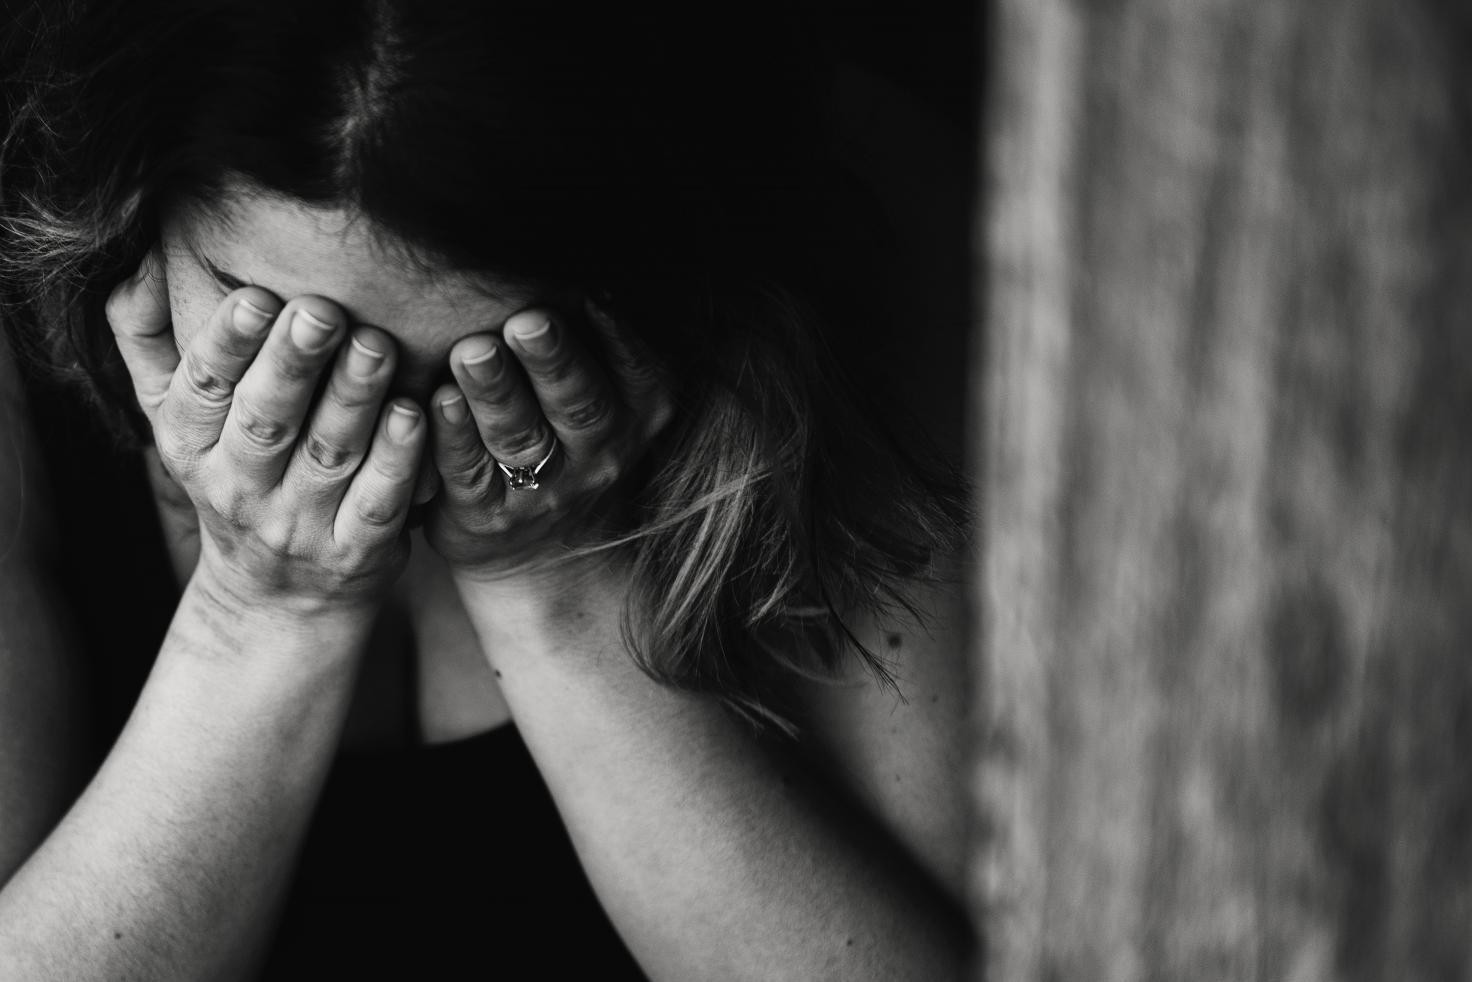 Prefeitura de Cordeirópolis reforça canais de denúncia em casos de violência doméstica